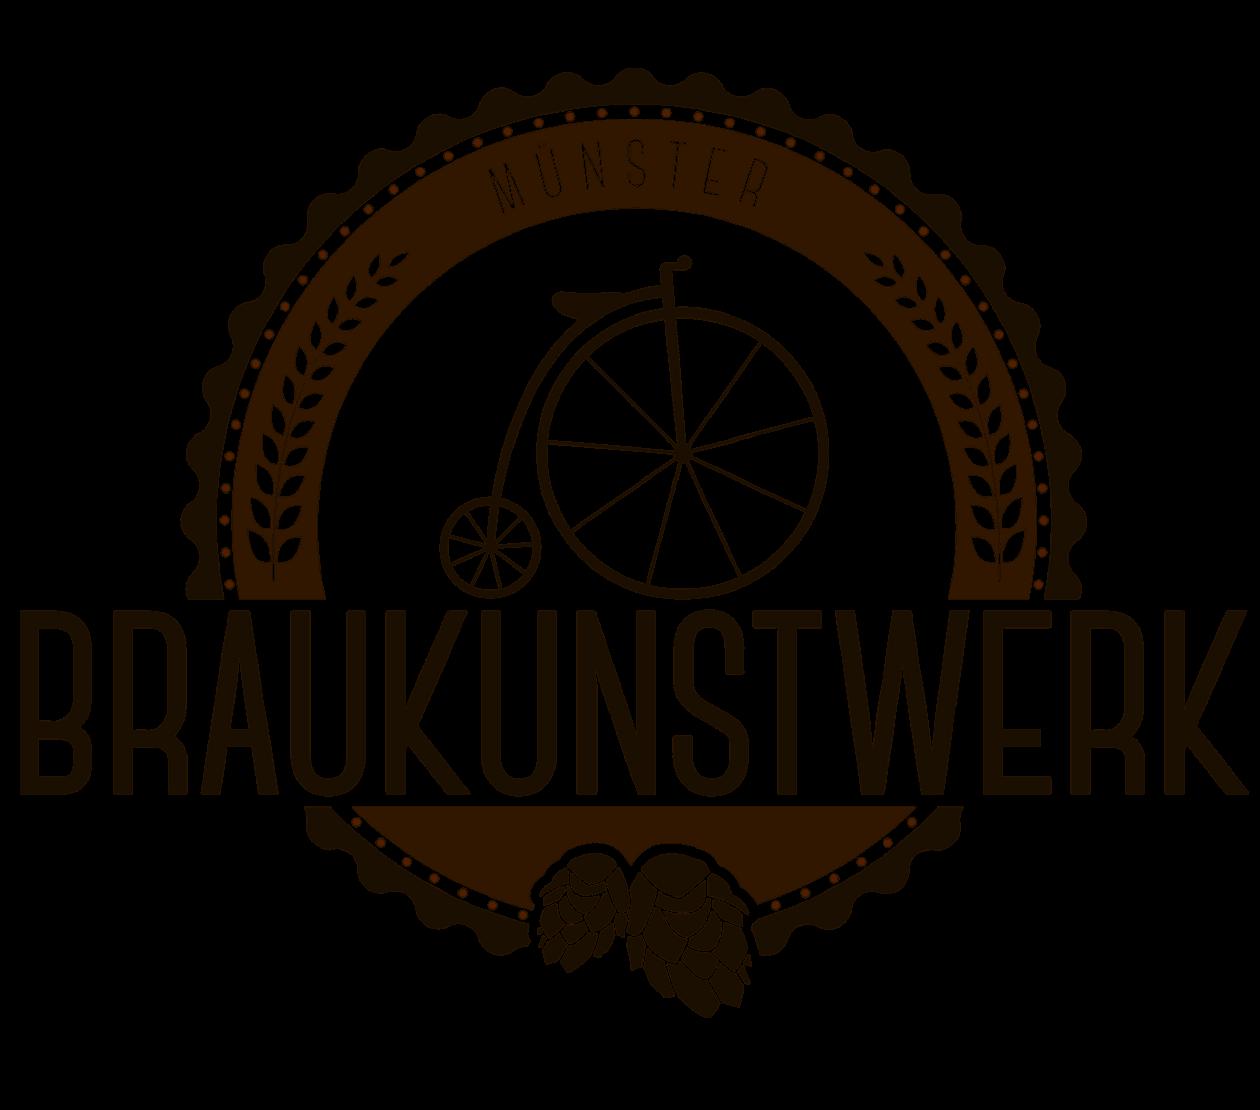 Braukunstwerk_Logo